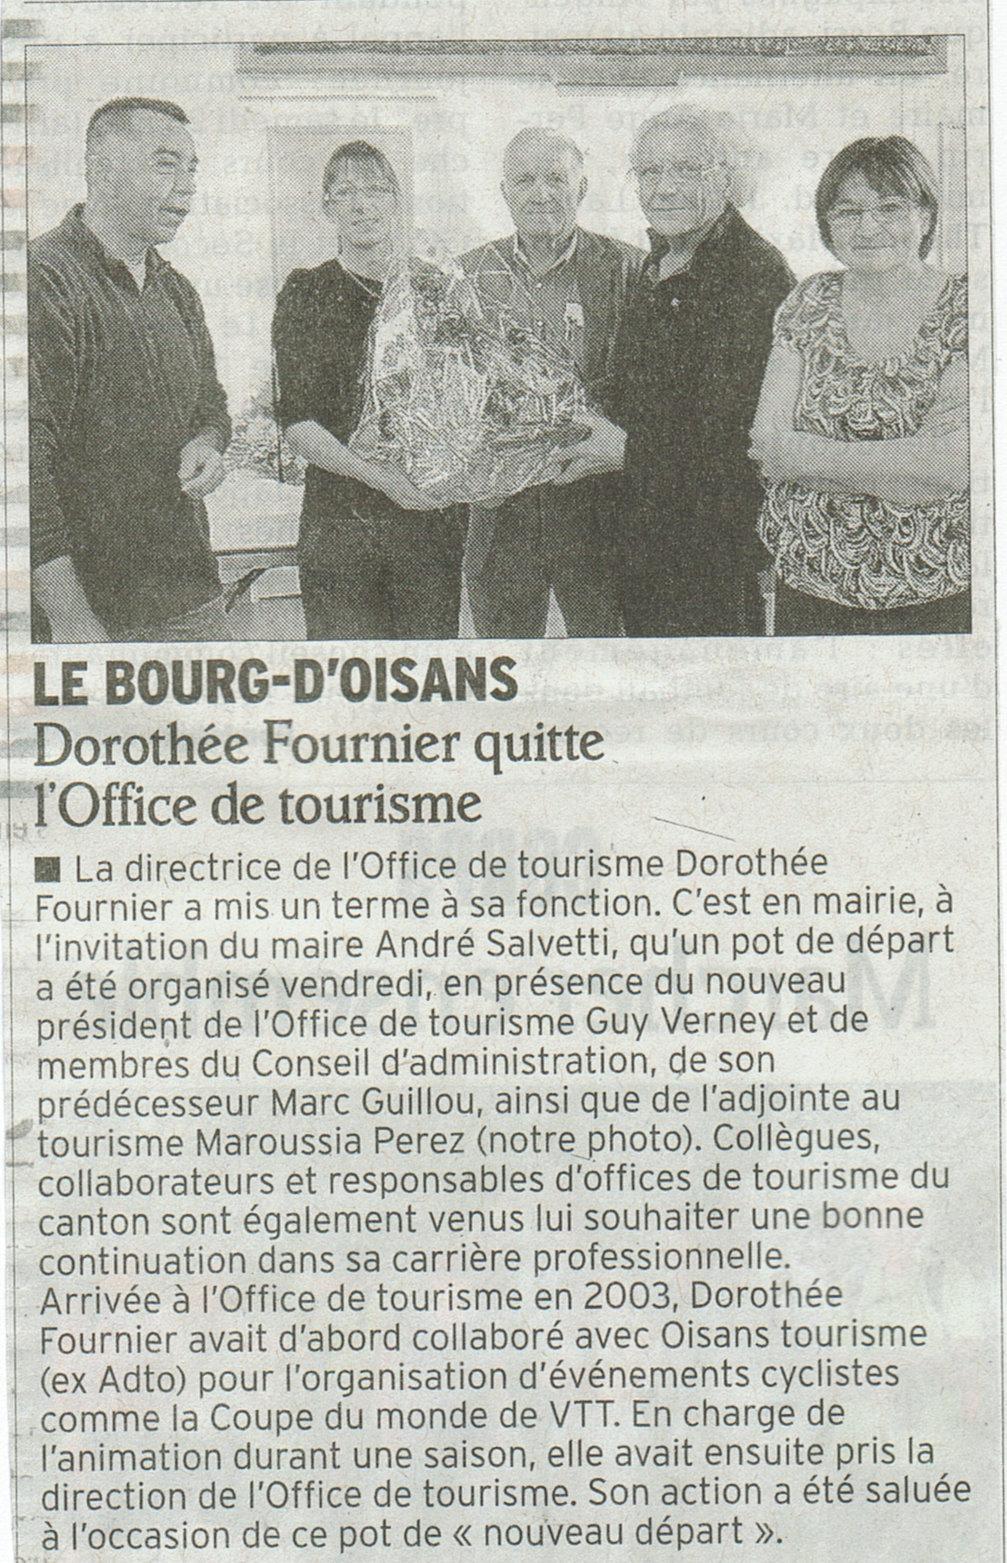 News de l 39 office de tourisme bourg d 39 oisans d part de doroth e fournier - Bourg d oisans office tourisme ...